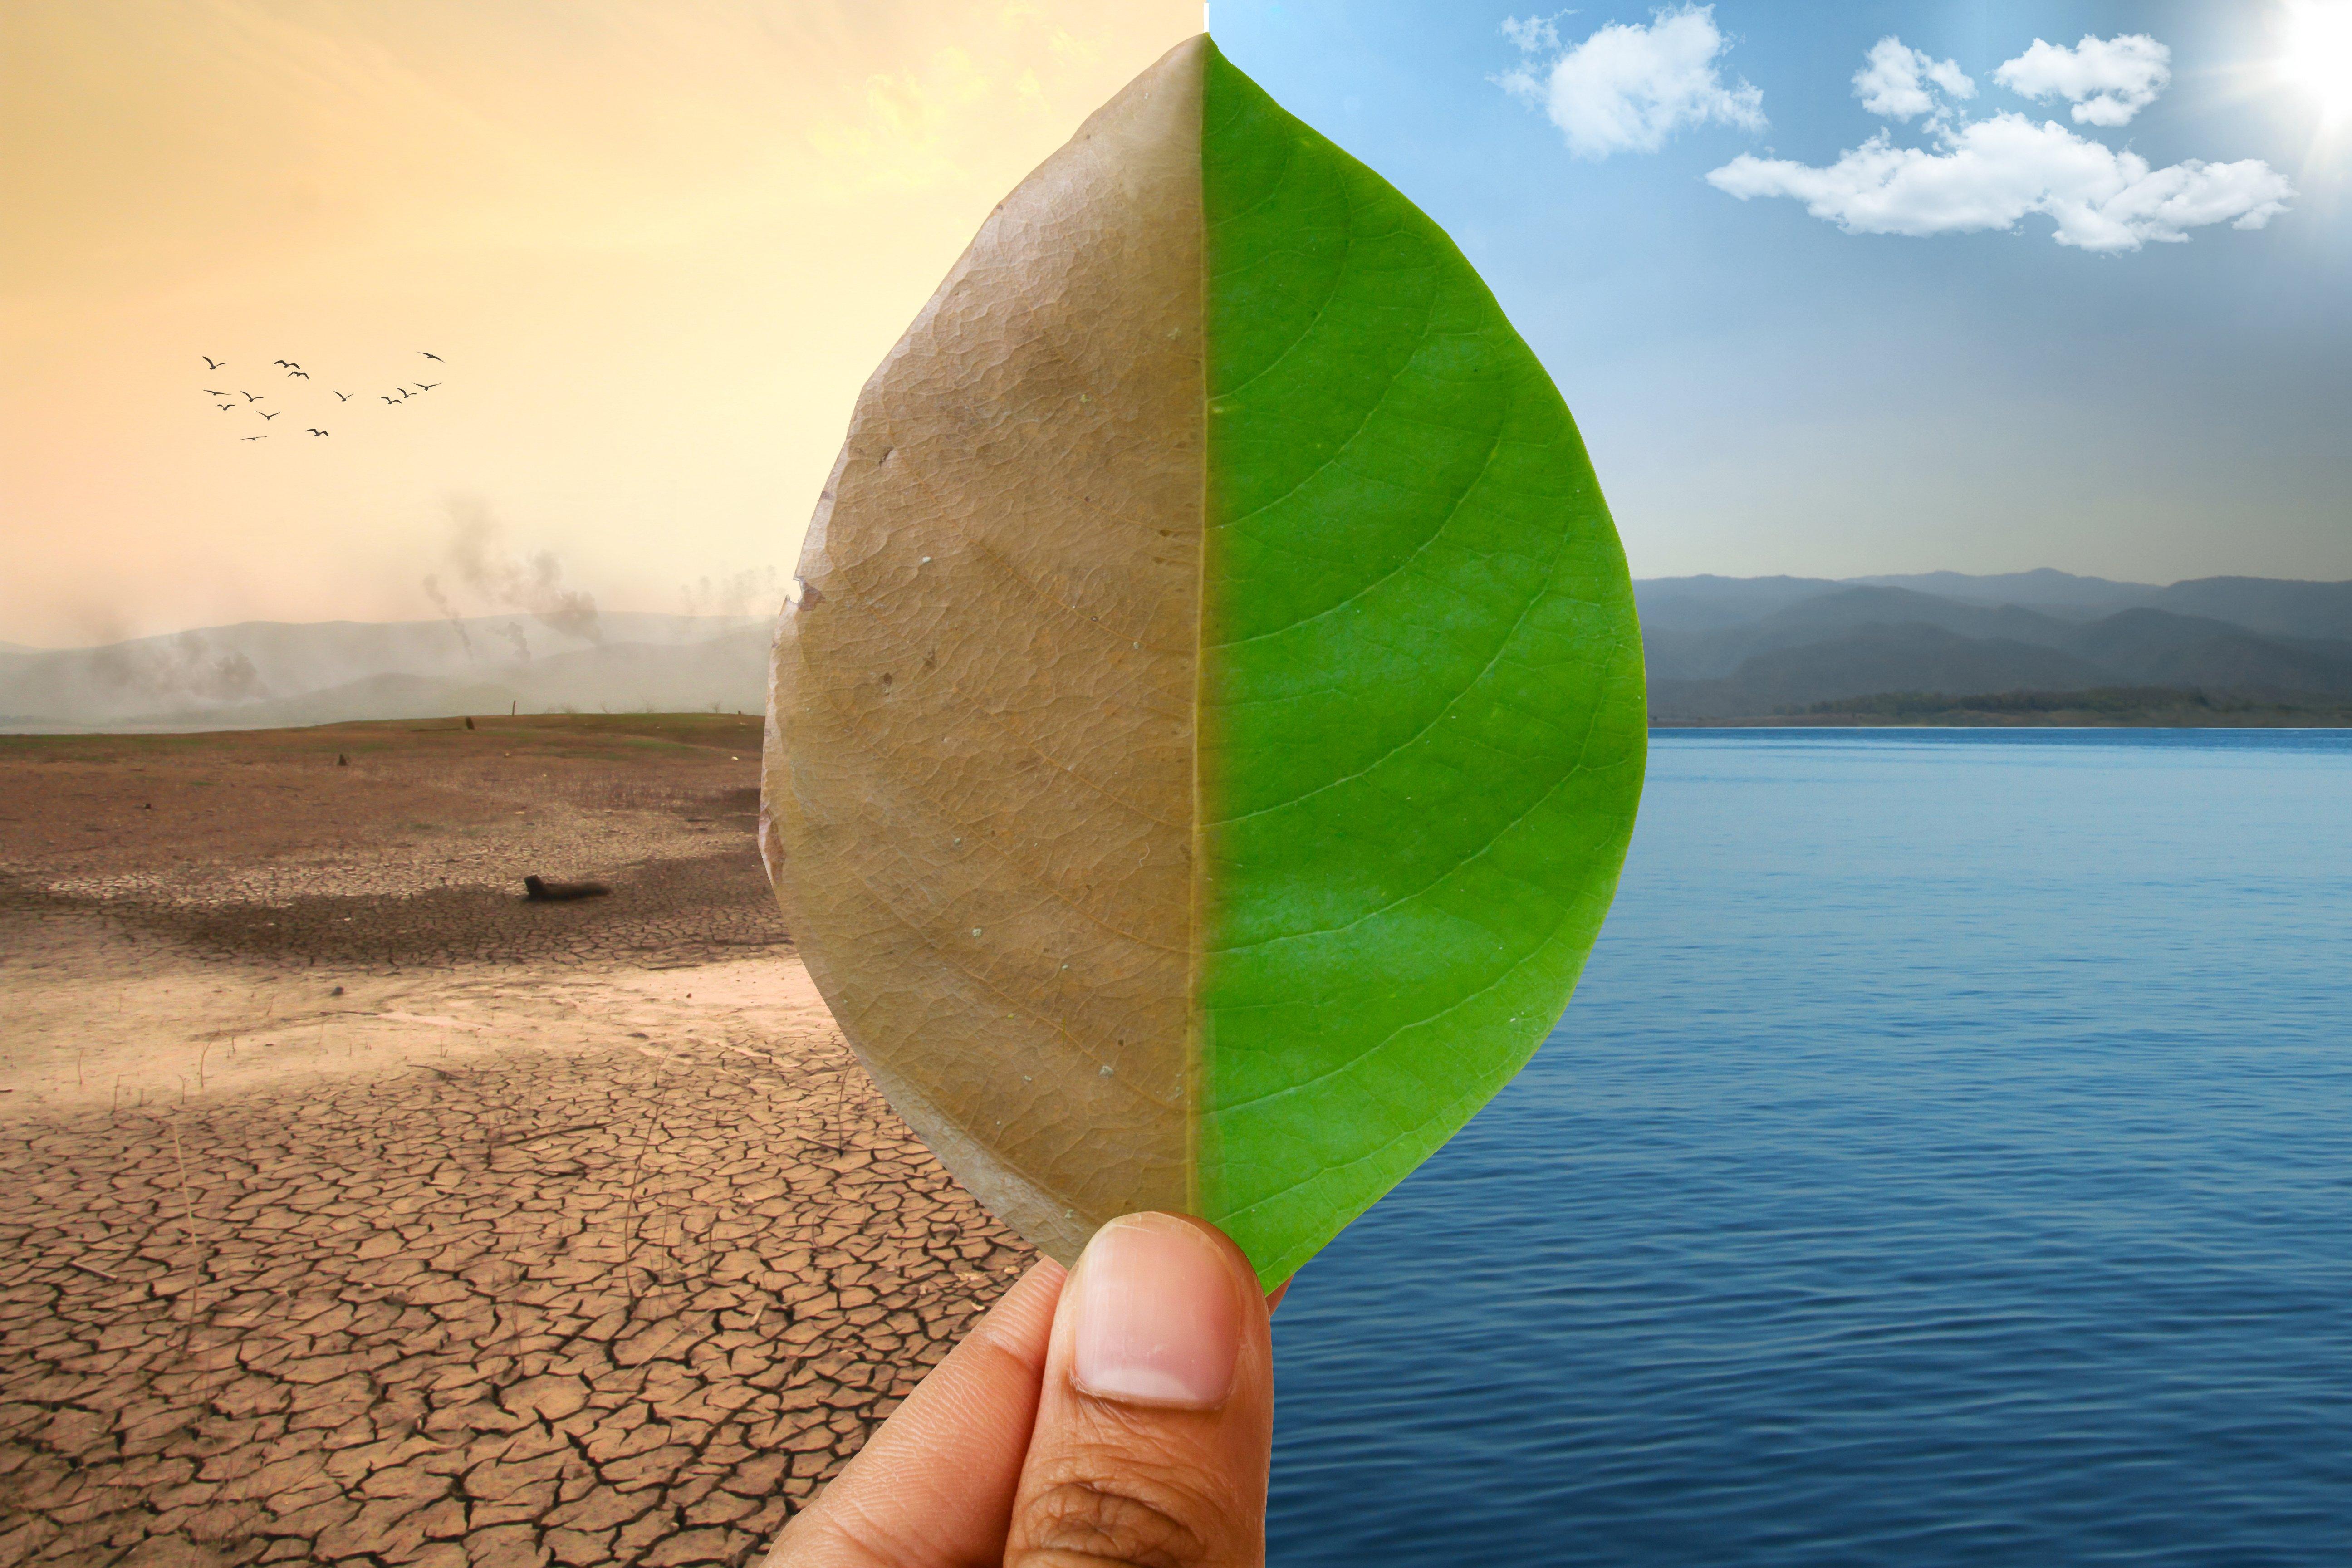 sea-vs-air-freight-environmental-impact